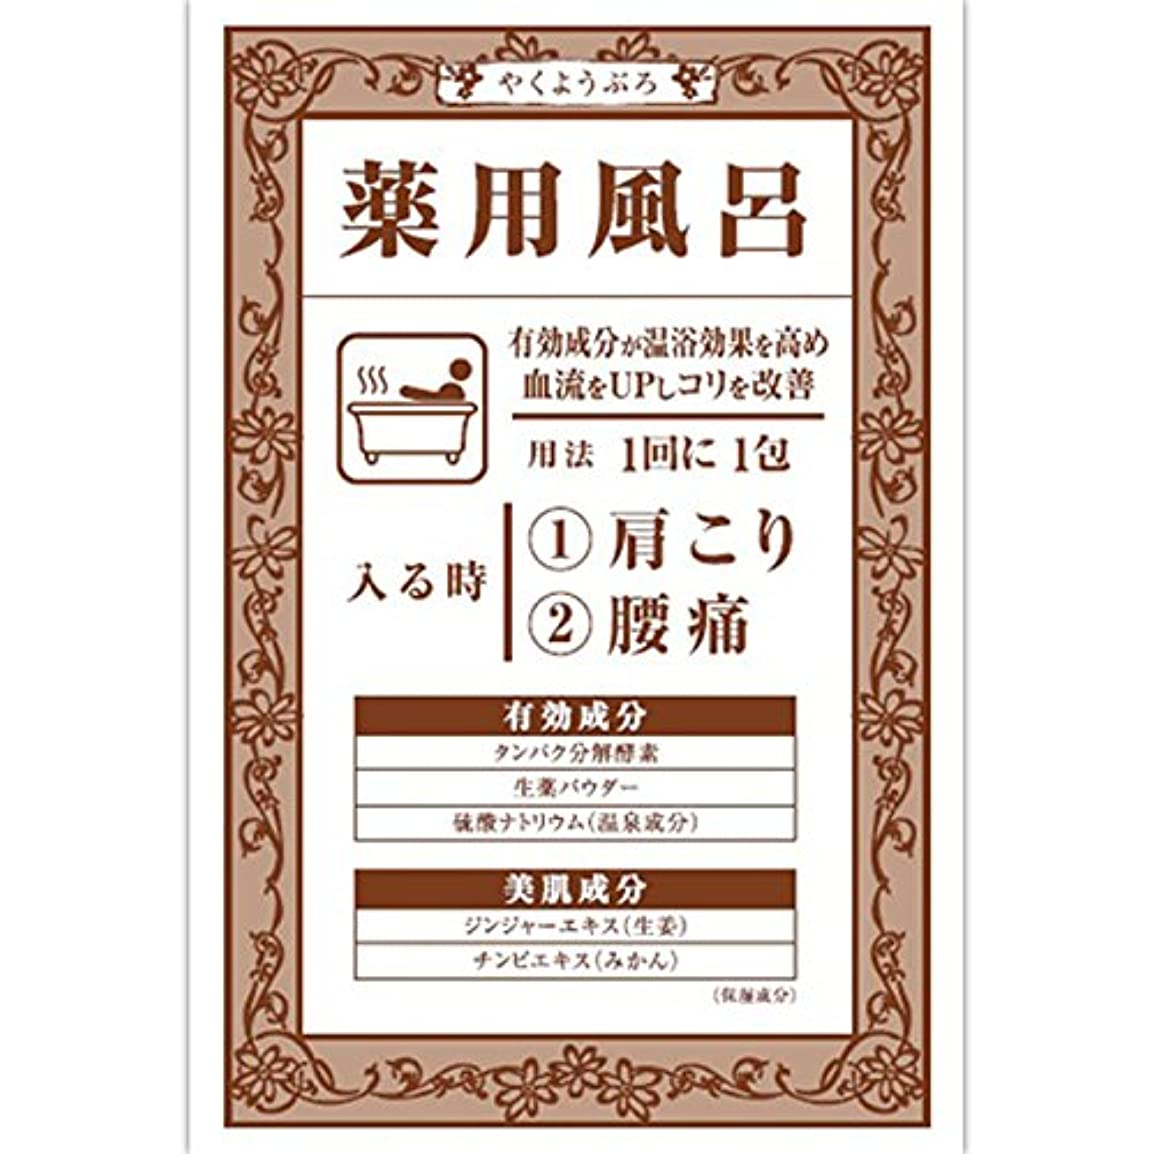 アルファベット順ティーンエイジャー奨励大山 薬用風呂KKa(肩こり?腰痛) 40G(医薬部外品)